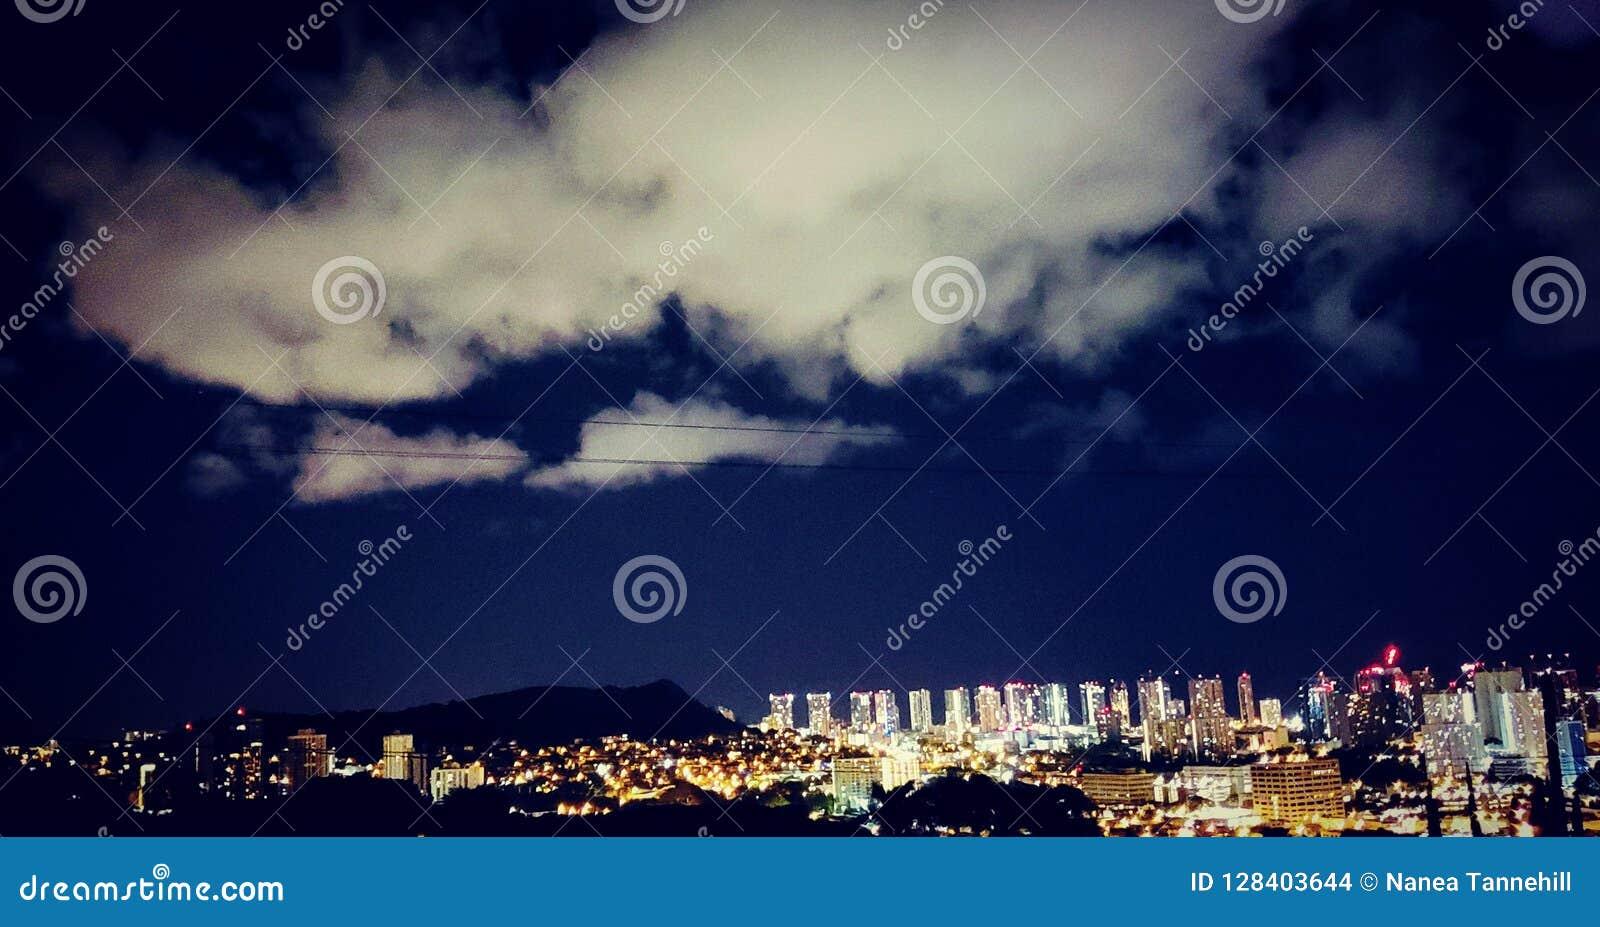 檀香山市夜光